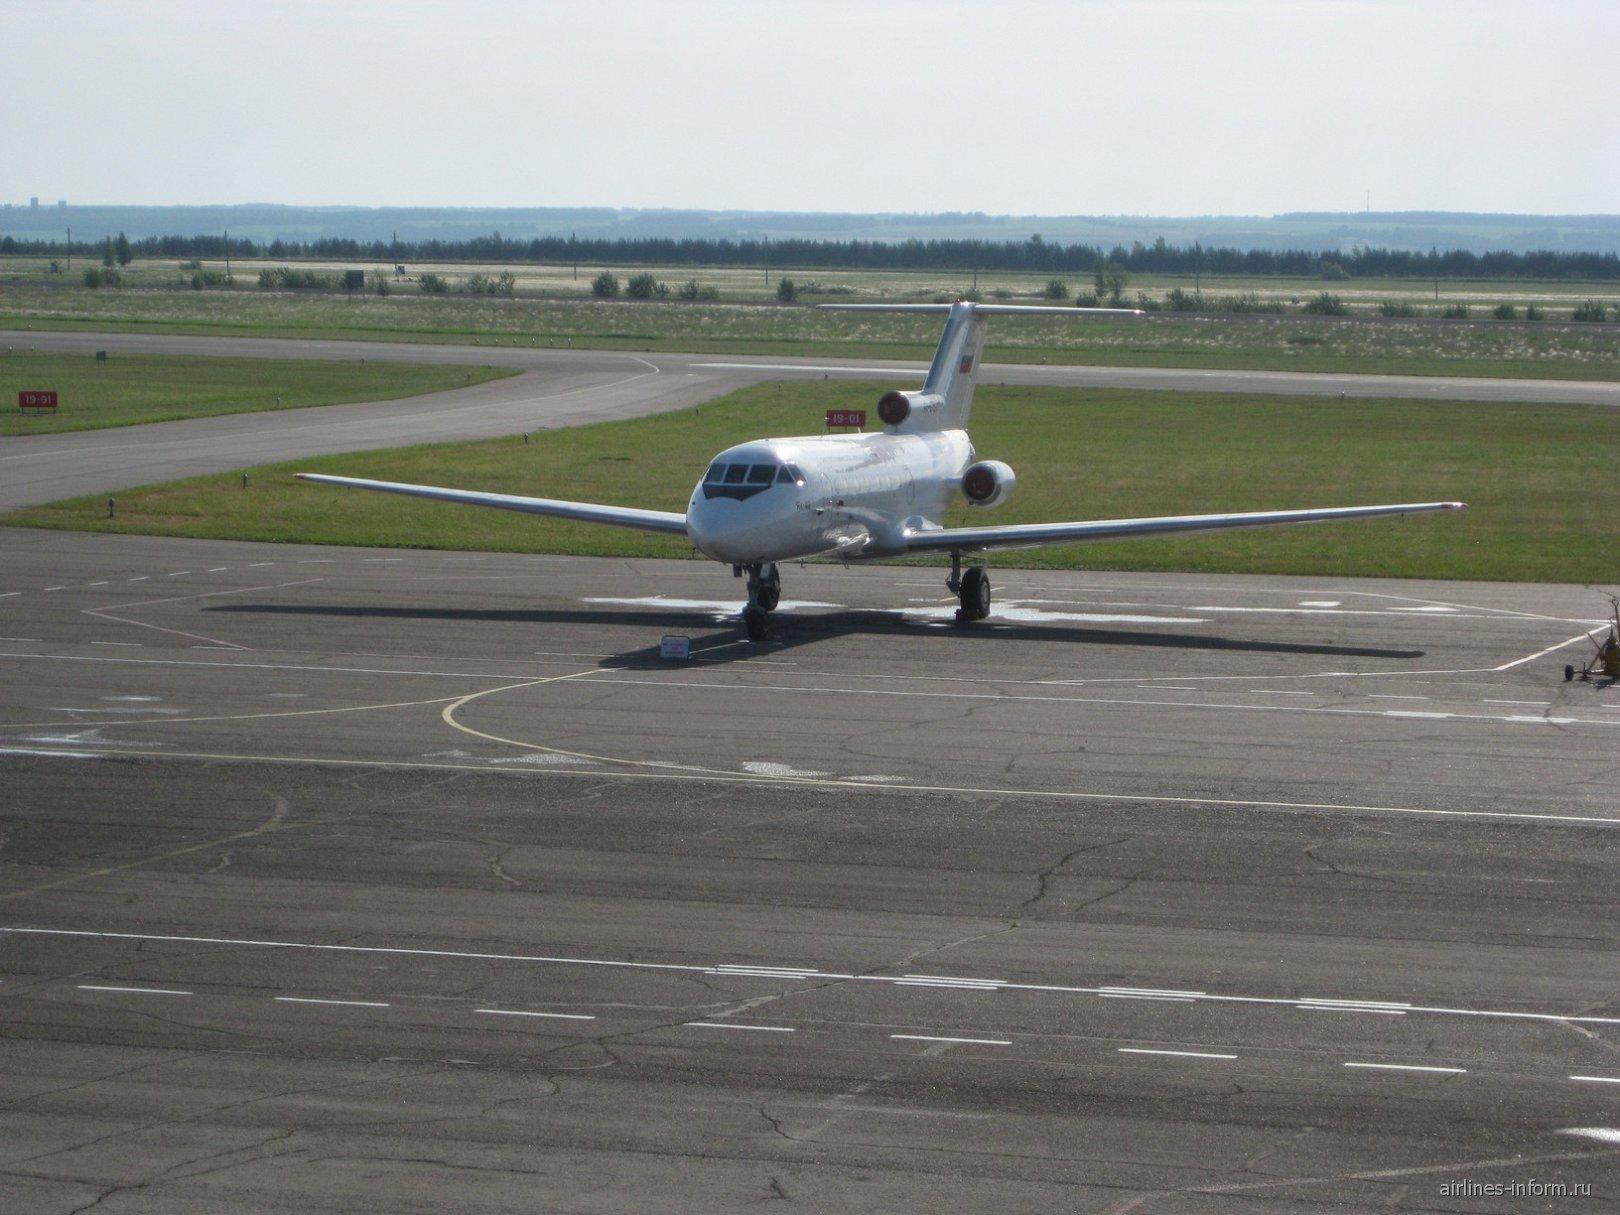 Самолет Як-40 Бугульминского авиапредприятия